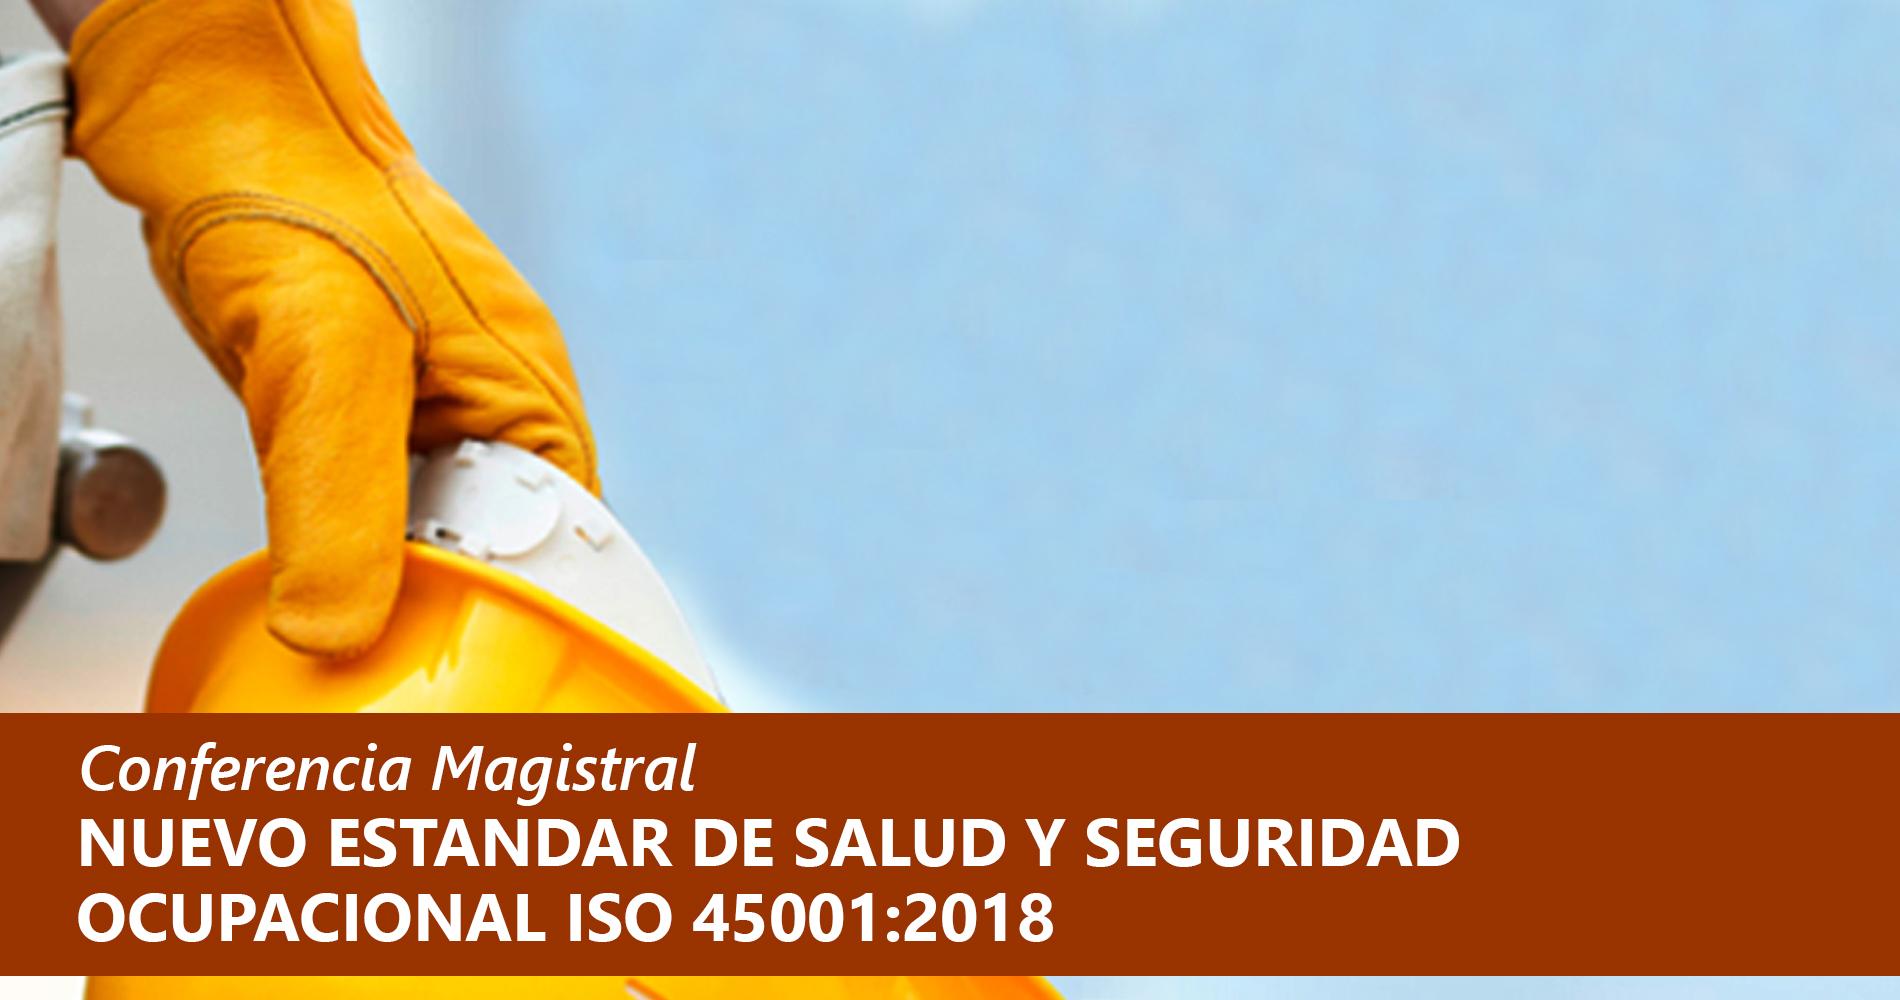 Conferencia Magistral Nuevo Estándar de Salud y Seguridad Ocupacional ISO 45001:2018